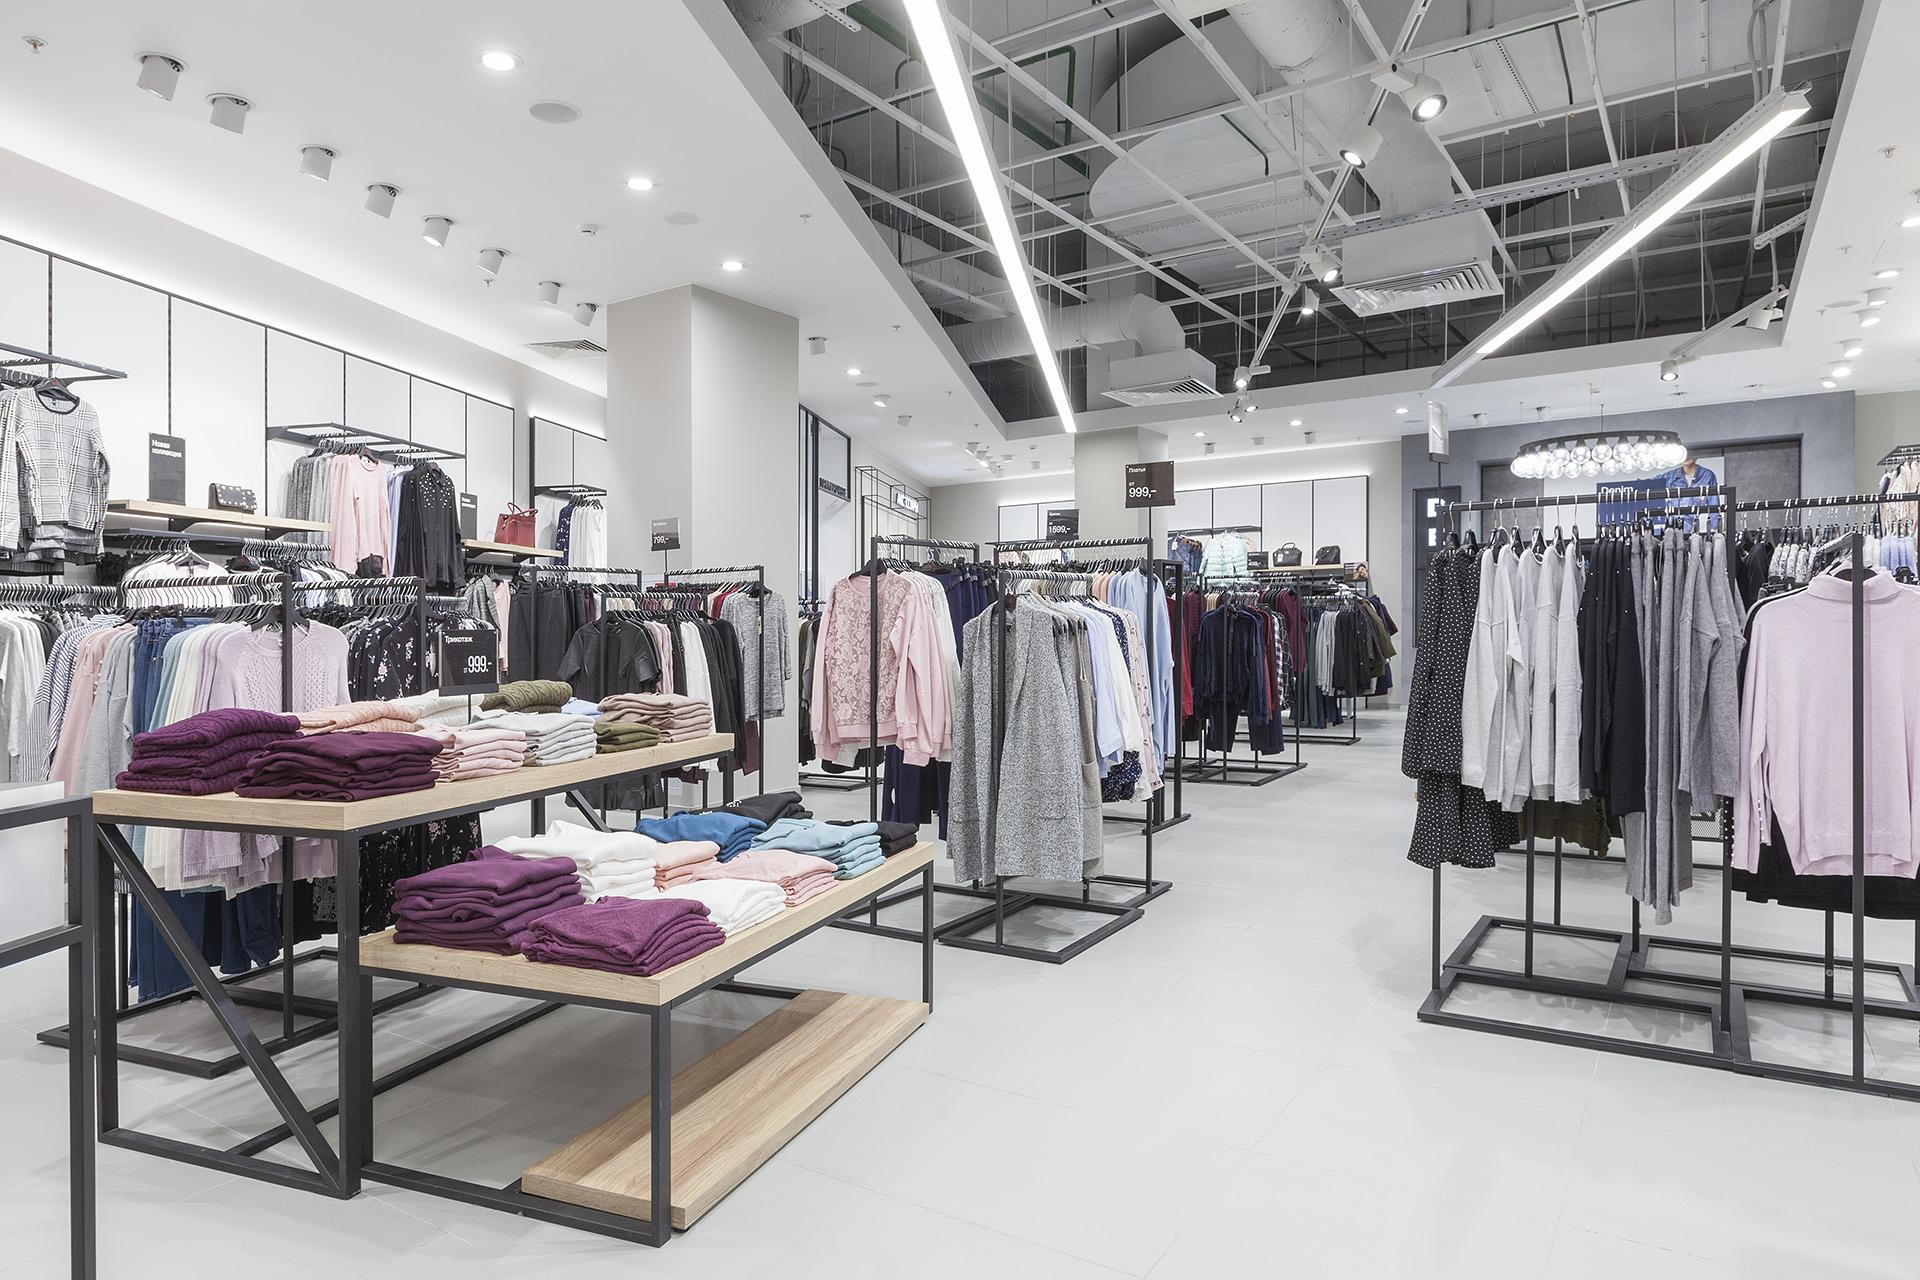 899da2d3070b Zolla открывает магазины в новом архитектурном концепте | Retail.ru